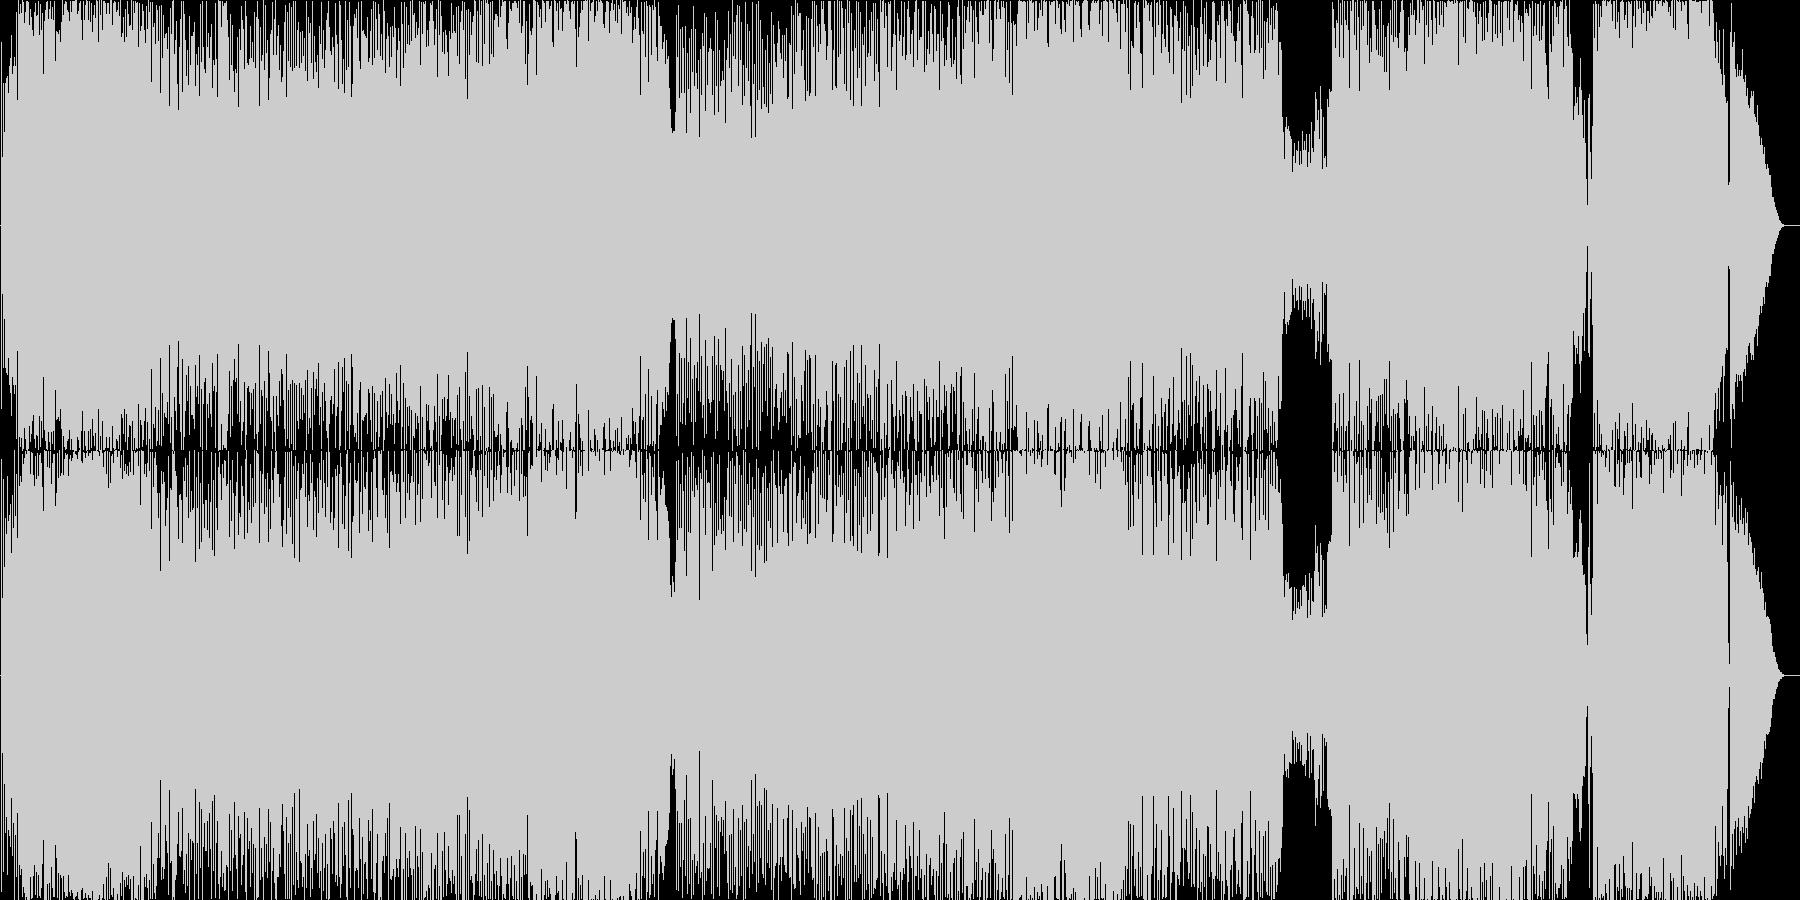 スウィングした勢いのあるロックの未再生の波形